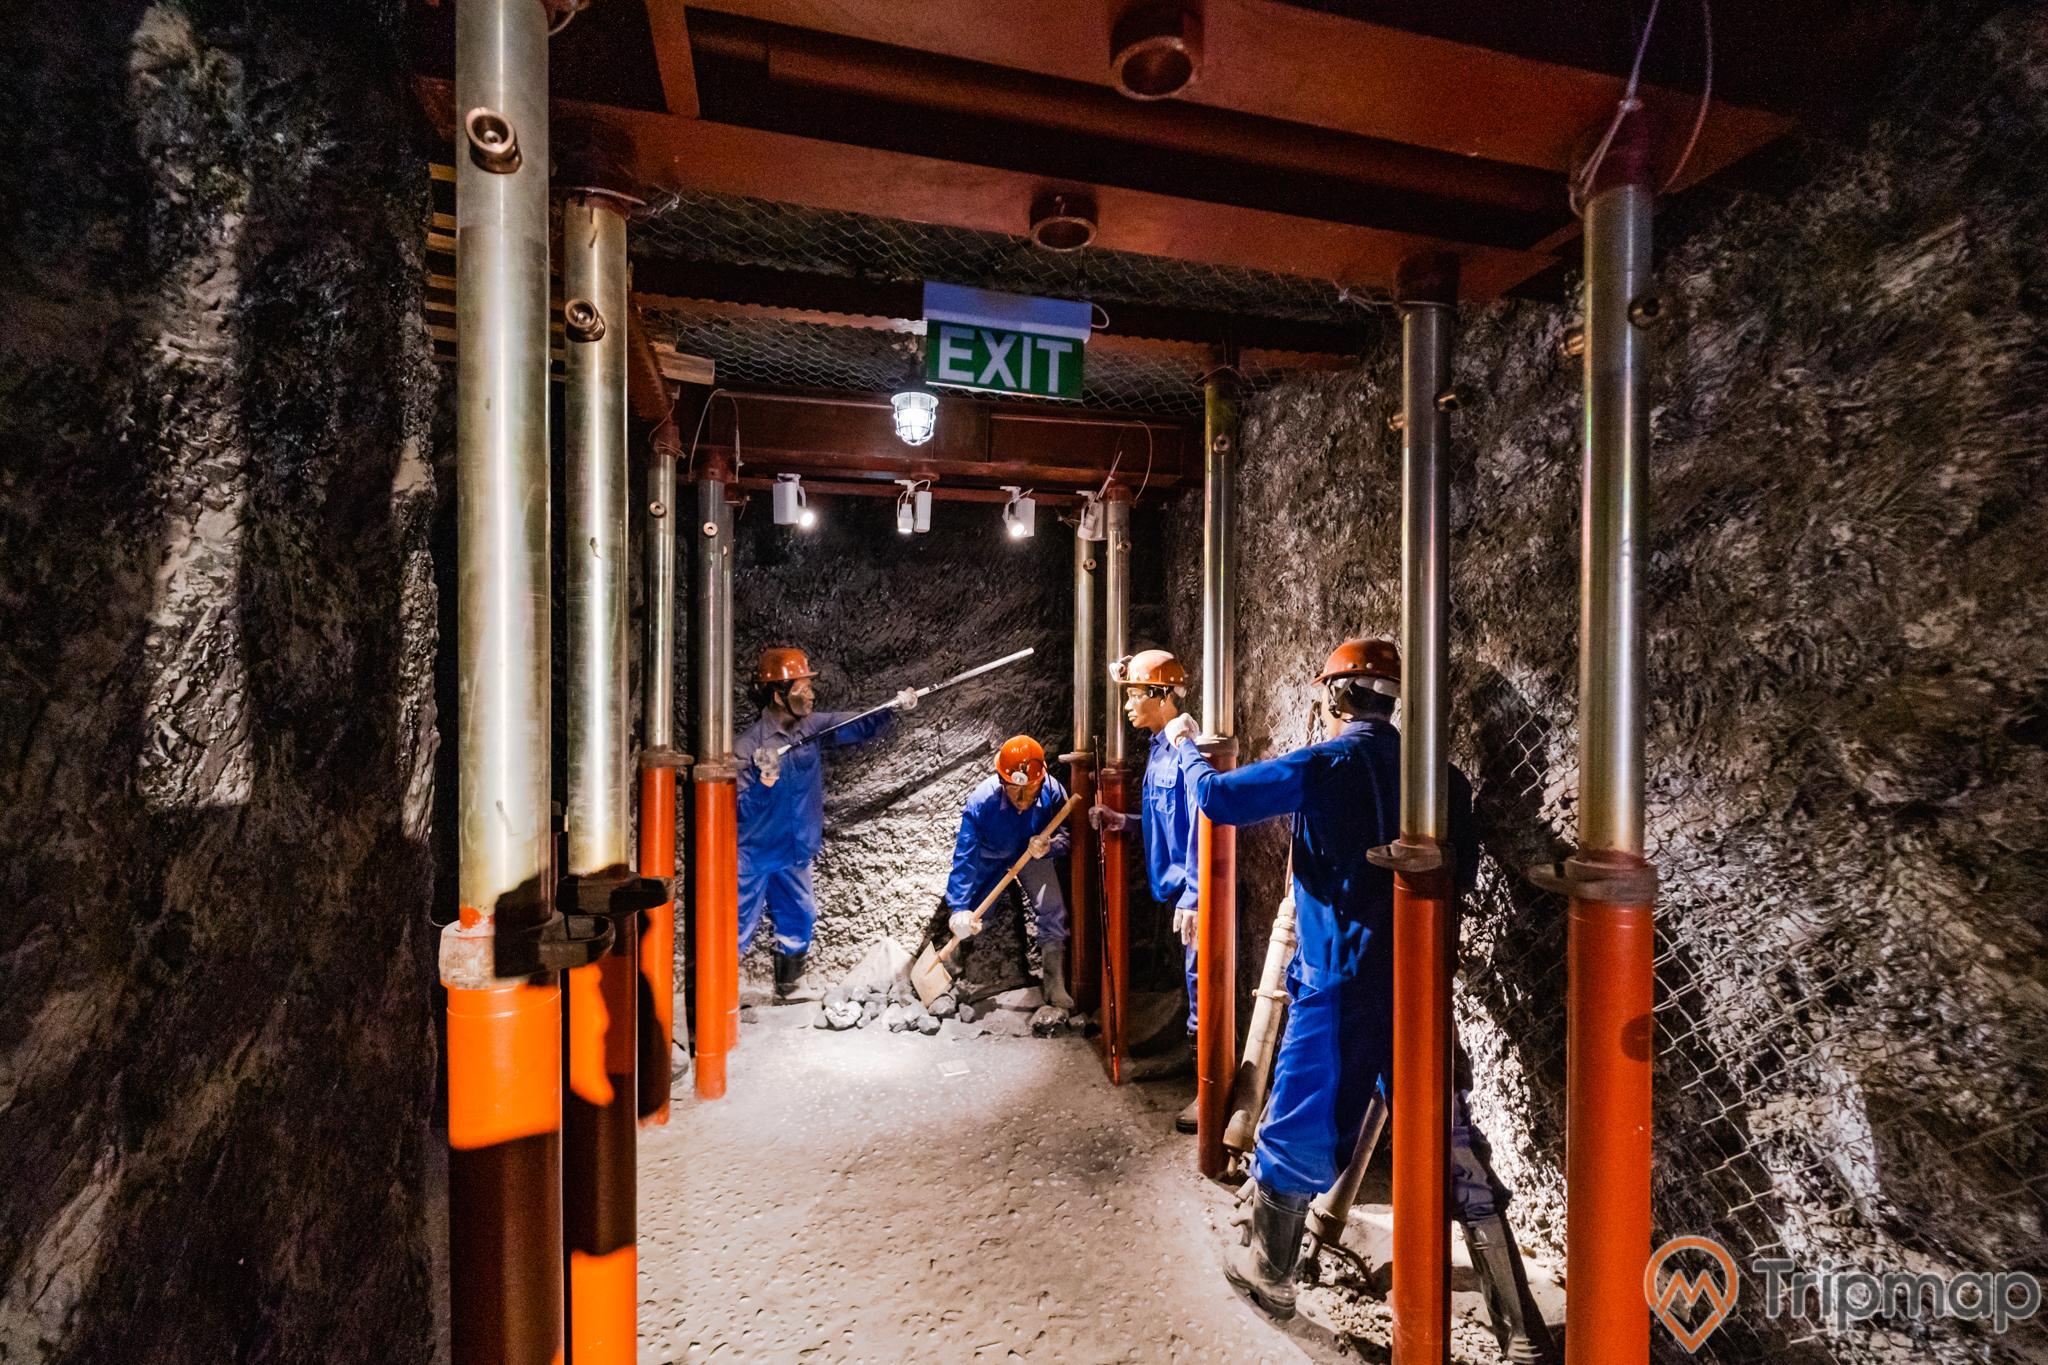 Khu tái hiện lịch sử hình thành mỏ than, bảo tàng Quảng Ninh, nhiều mô hình công nhân mặc quần áo xanh đang làm việc, nền đất màu xám, nhiều cây cột sắt sơn màu đỏ